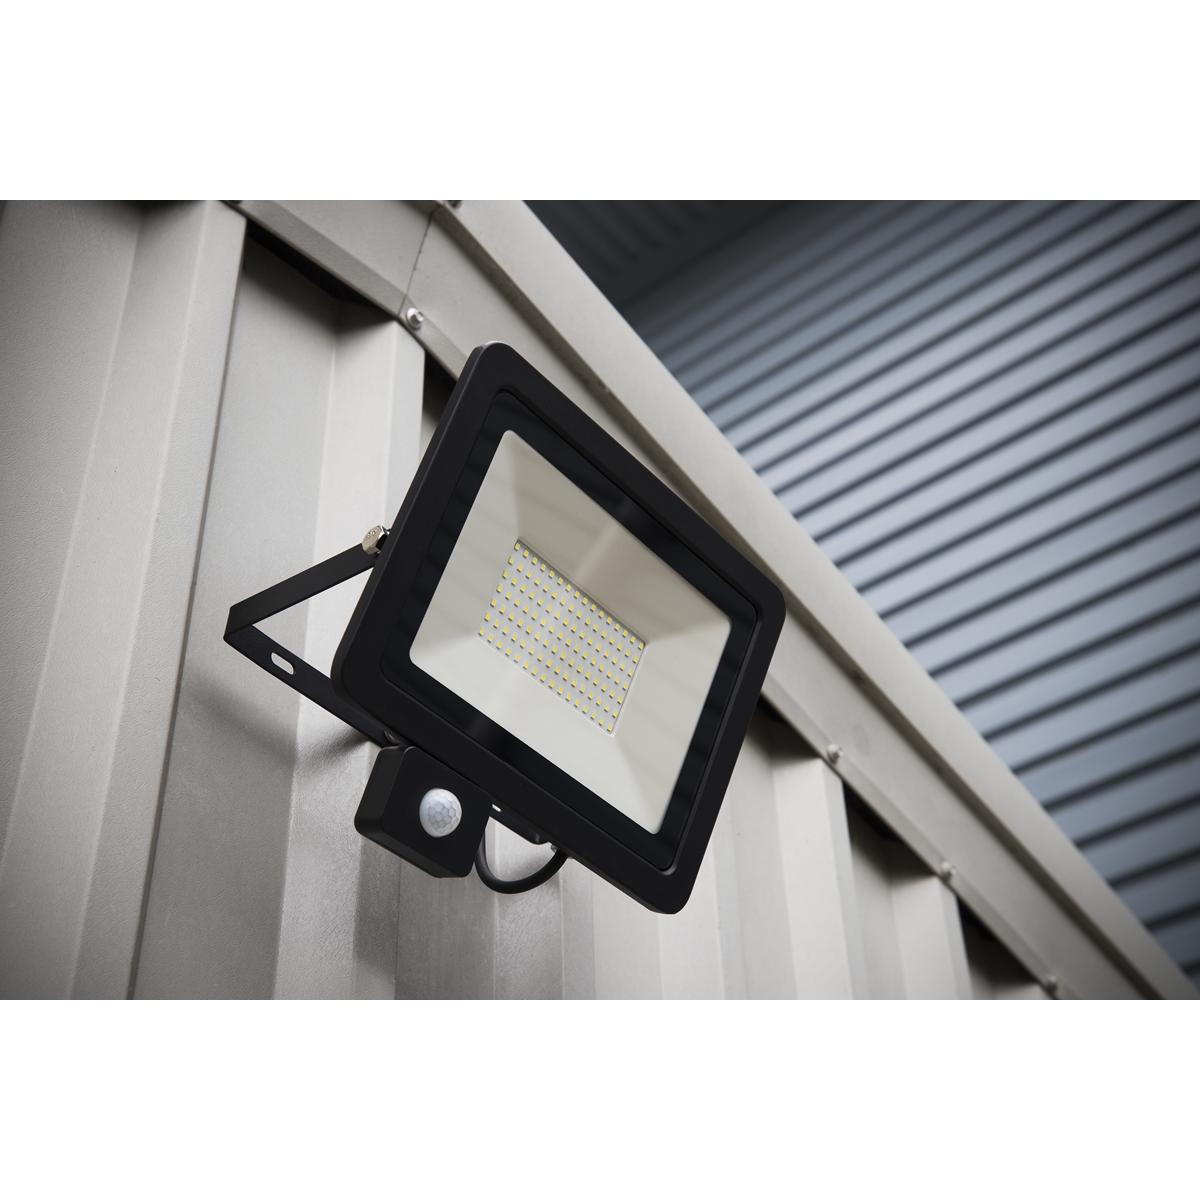 Extra Slim Floodlight with PIR Sensor 50W SMD LED